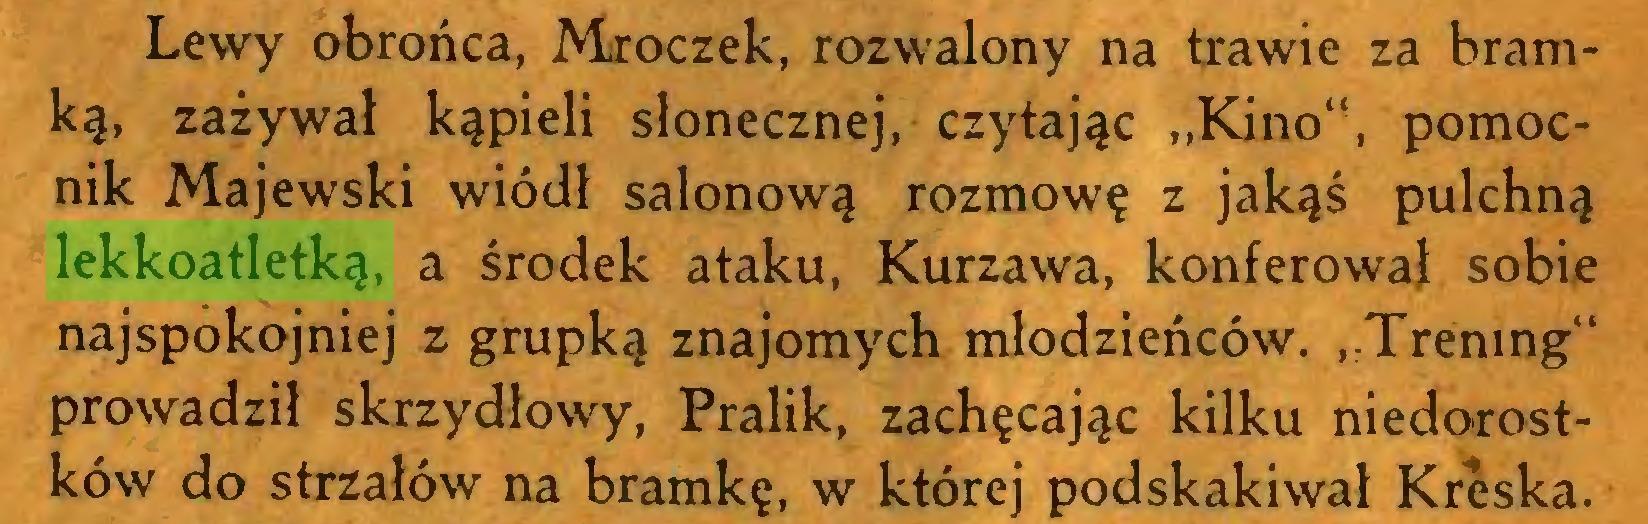 """(...) Lewy obrońca, Mroczek, rozwalony na trawie za bramką, zażywał kąpieli słonecznej, czytając """"Kino"""", pomocnik Majewski wiódł salonową rozmowę z jakąś pulchną lekkoatletką, a środek ataku, Kurzawa, konferował sobie najspokojniej z grupką znajomych młodzieńców. """"Trening"""" prowadził skrzydłowy, Pralik, zachęcając kilku niedorostków do strzałów na bramkę, w której podskakiwał Kreska..."""